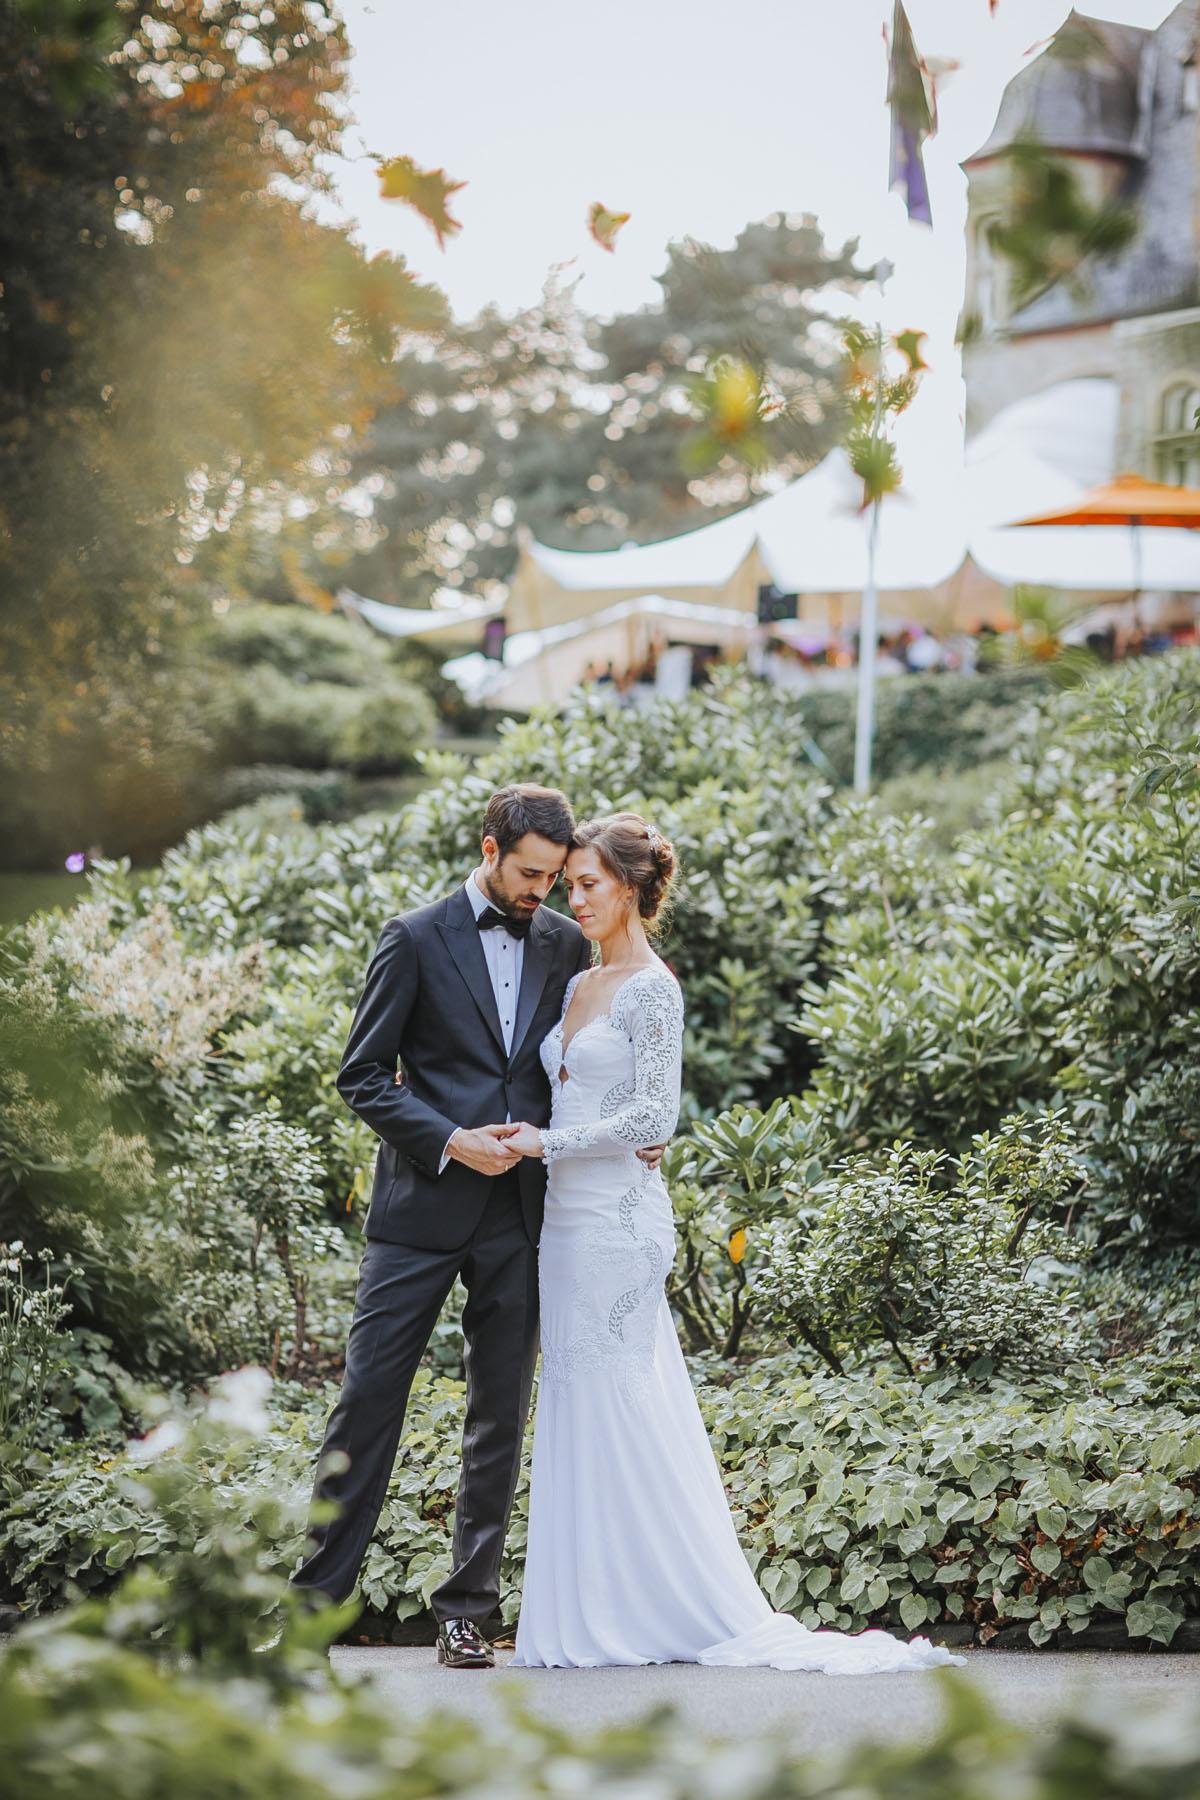 Alica+ Carsten | Freie Trauung im eigenen Garten - Fotografin Guelten Hamidanoglu Koeln Hochzeiten Hochzeitsfotos  448